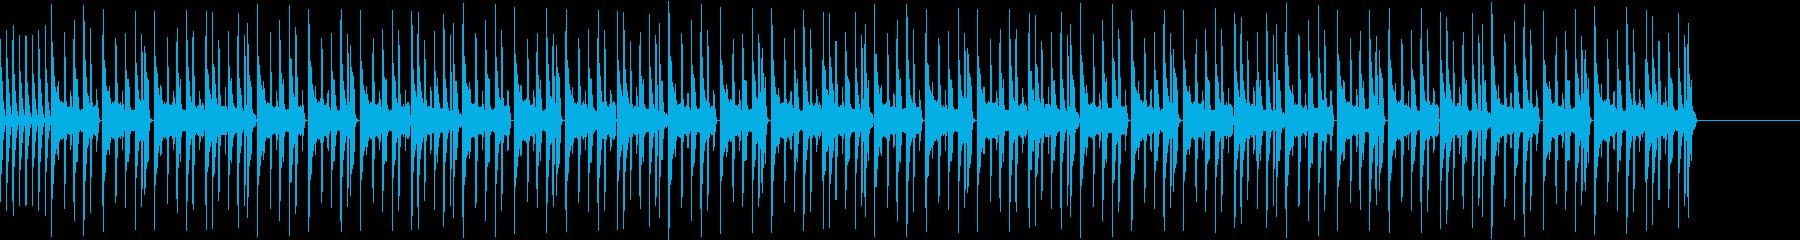 ゆったりとしたサイファービートの再生済みの波形